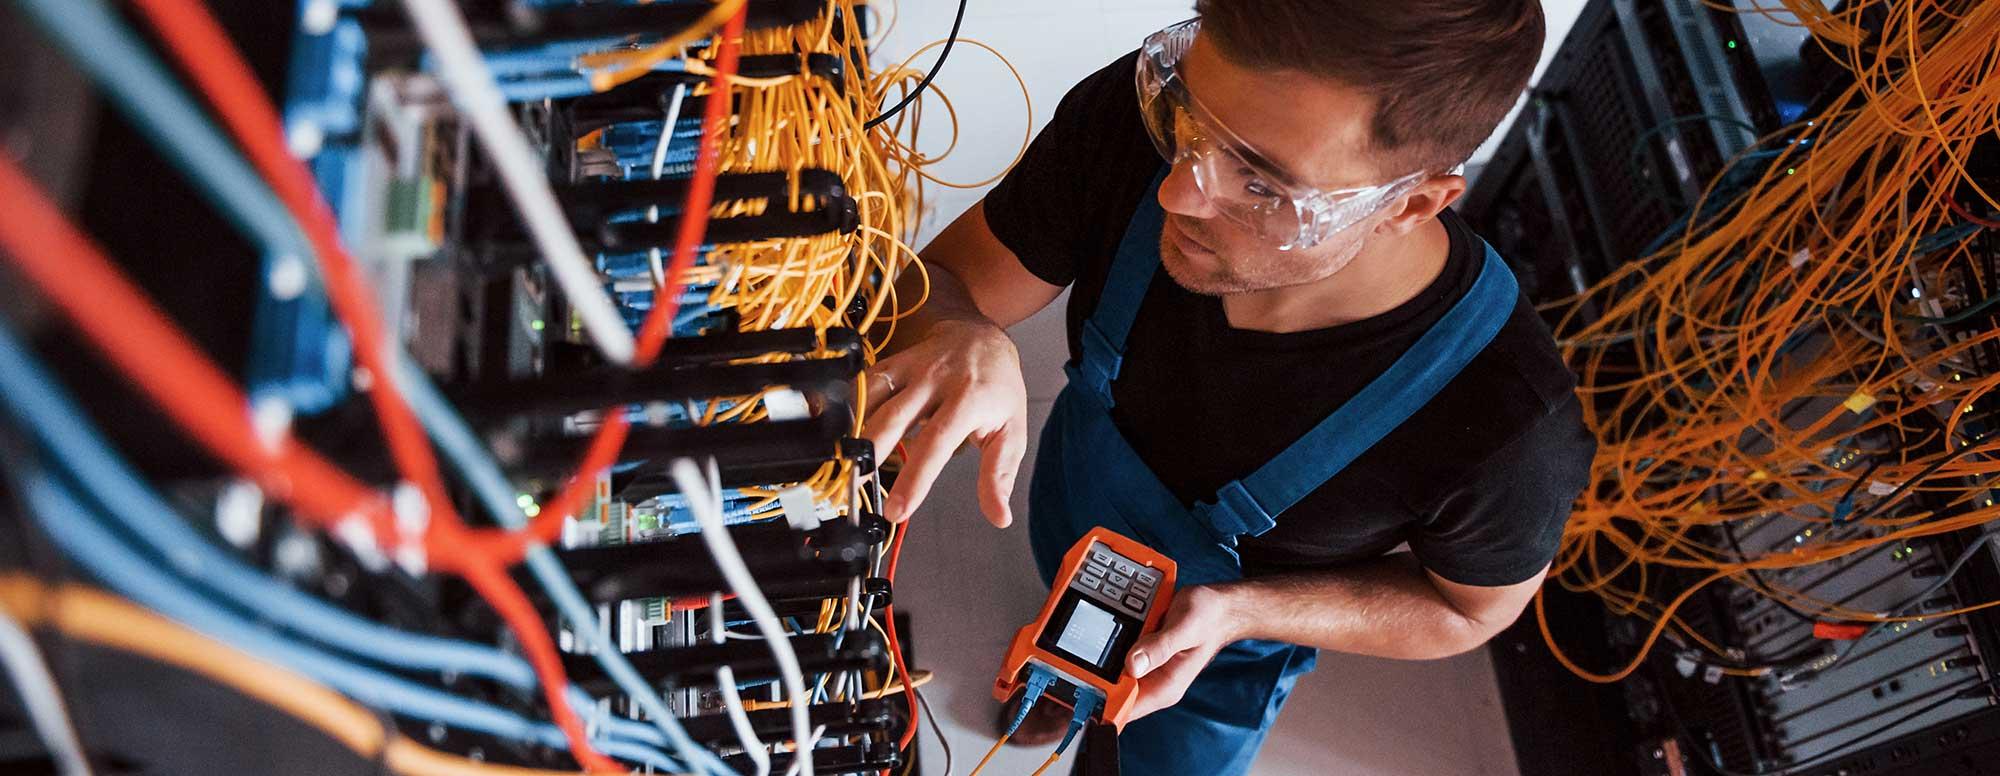 Daten- und Netzwerktechnik